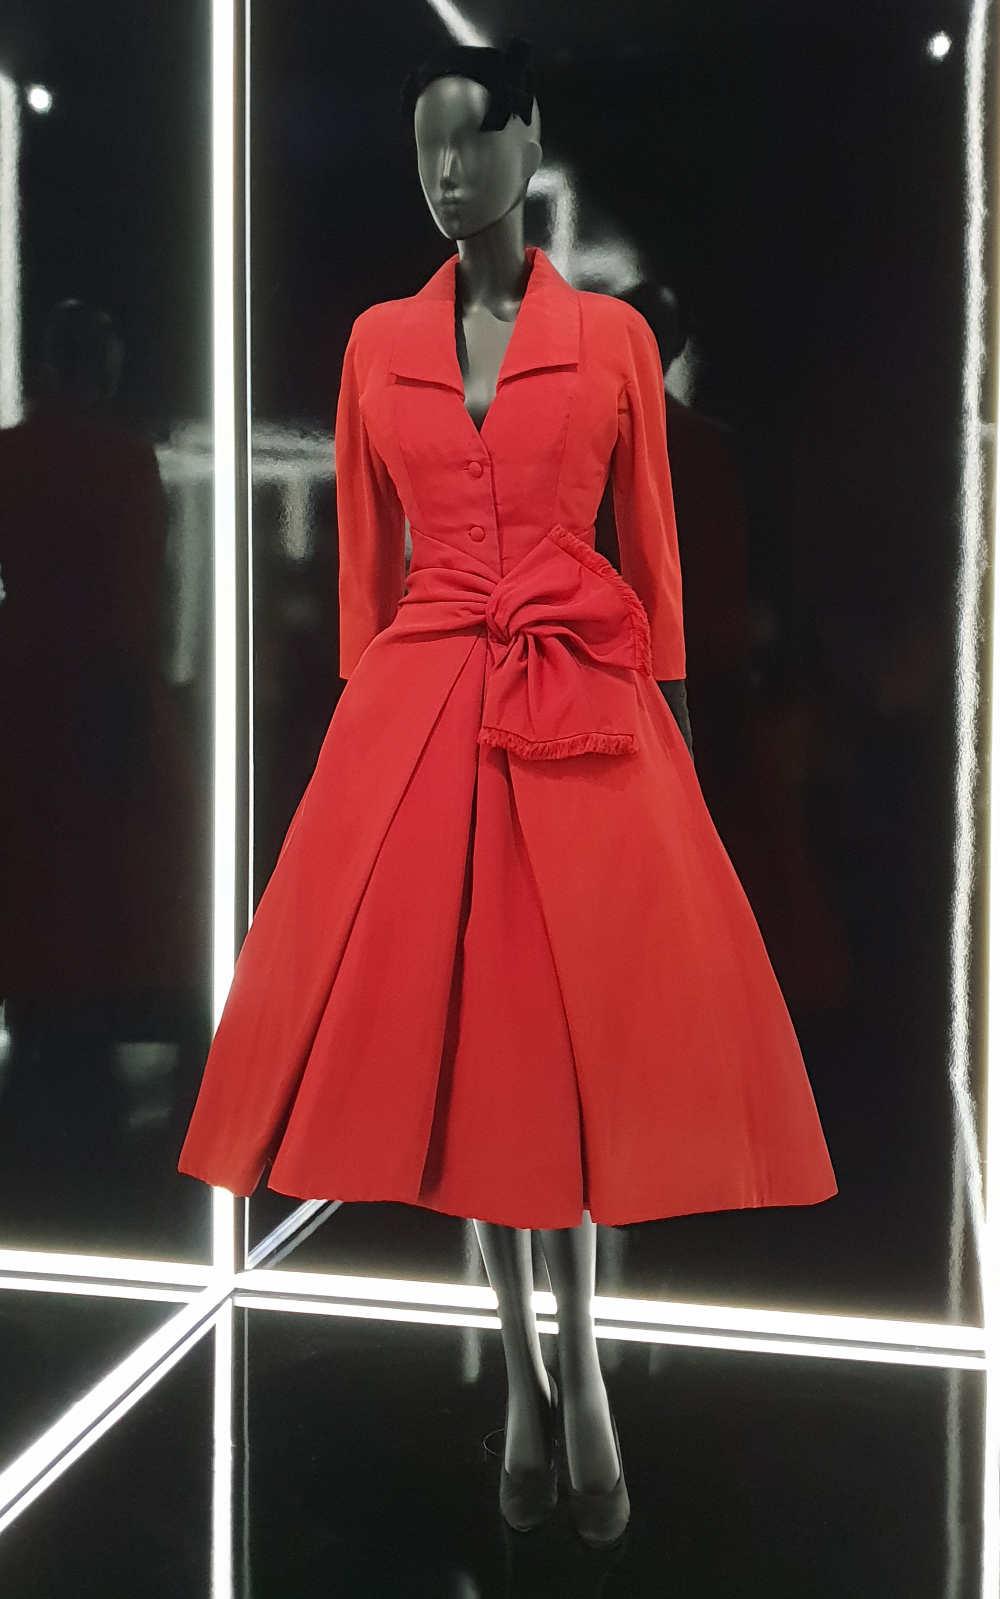 Écarlate dress Christian Dior Dress